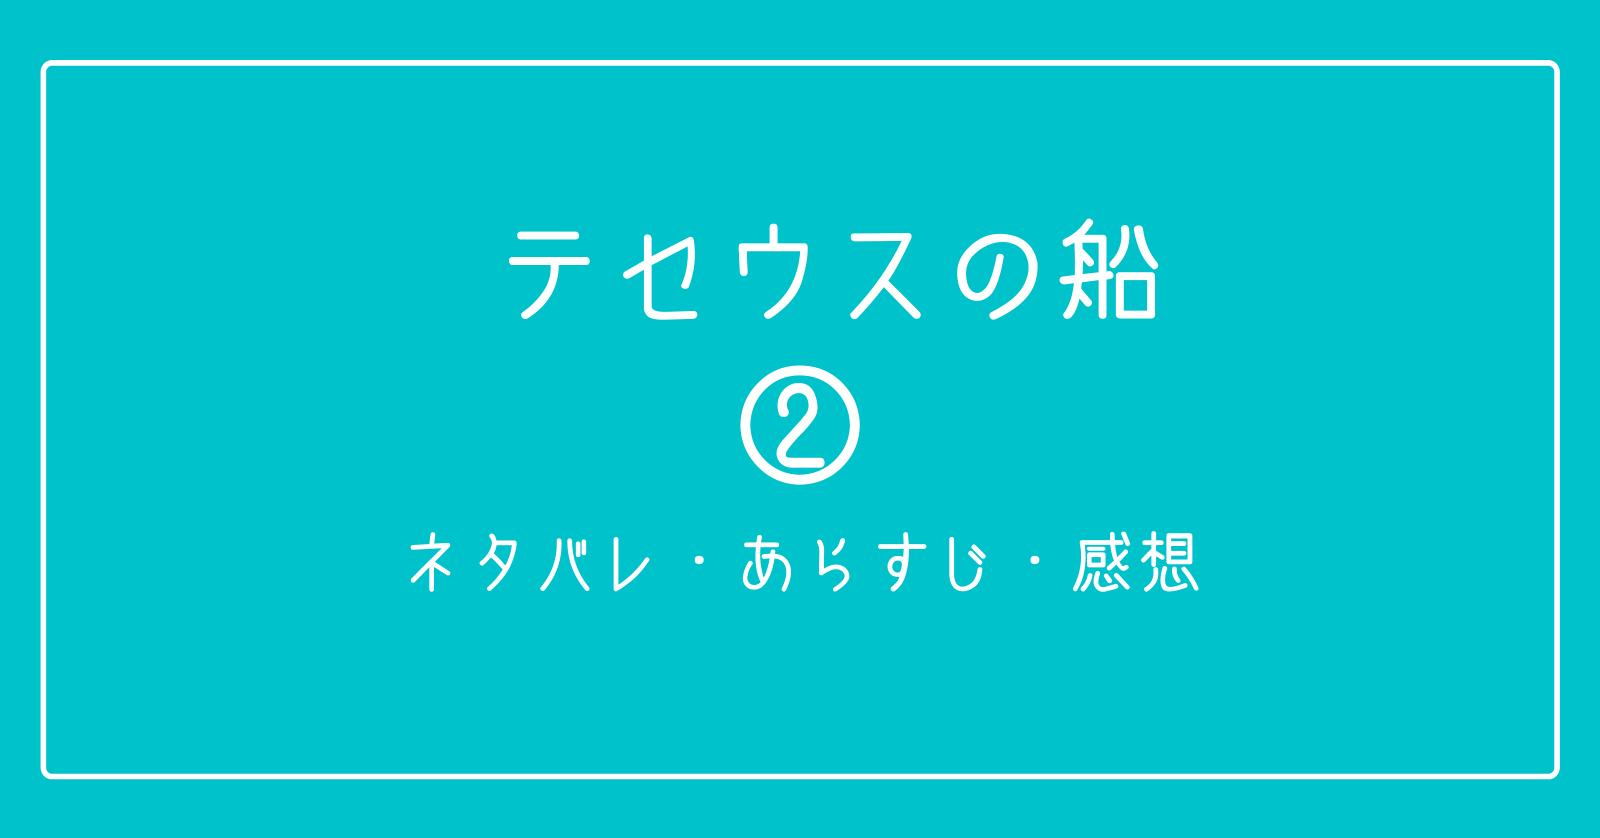 『テセウスの船』第2話のネタバレ・あらすじ・感想